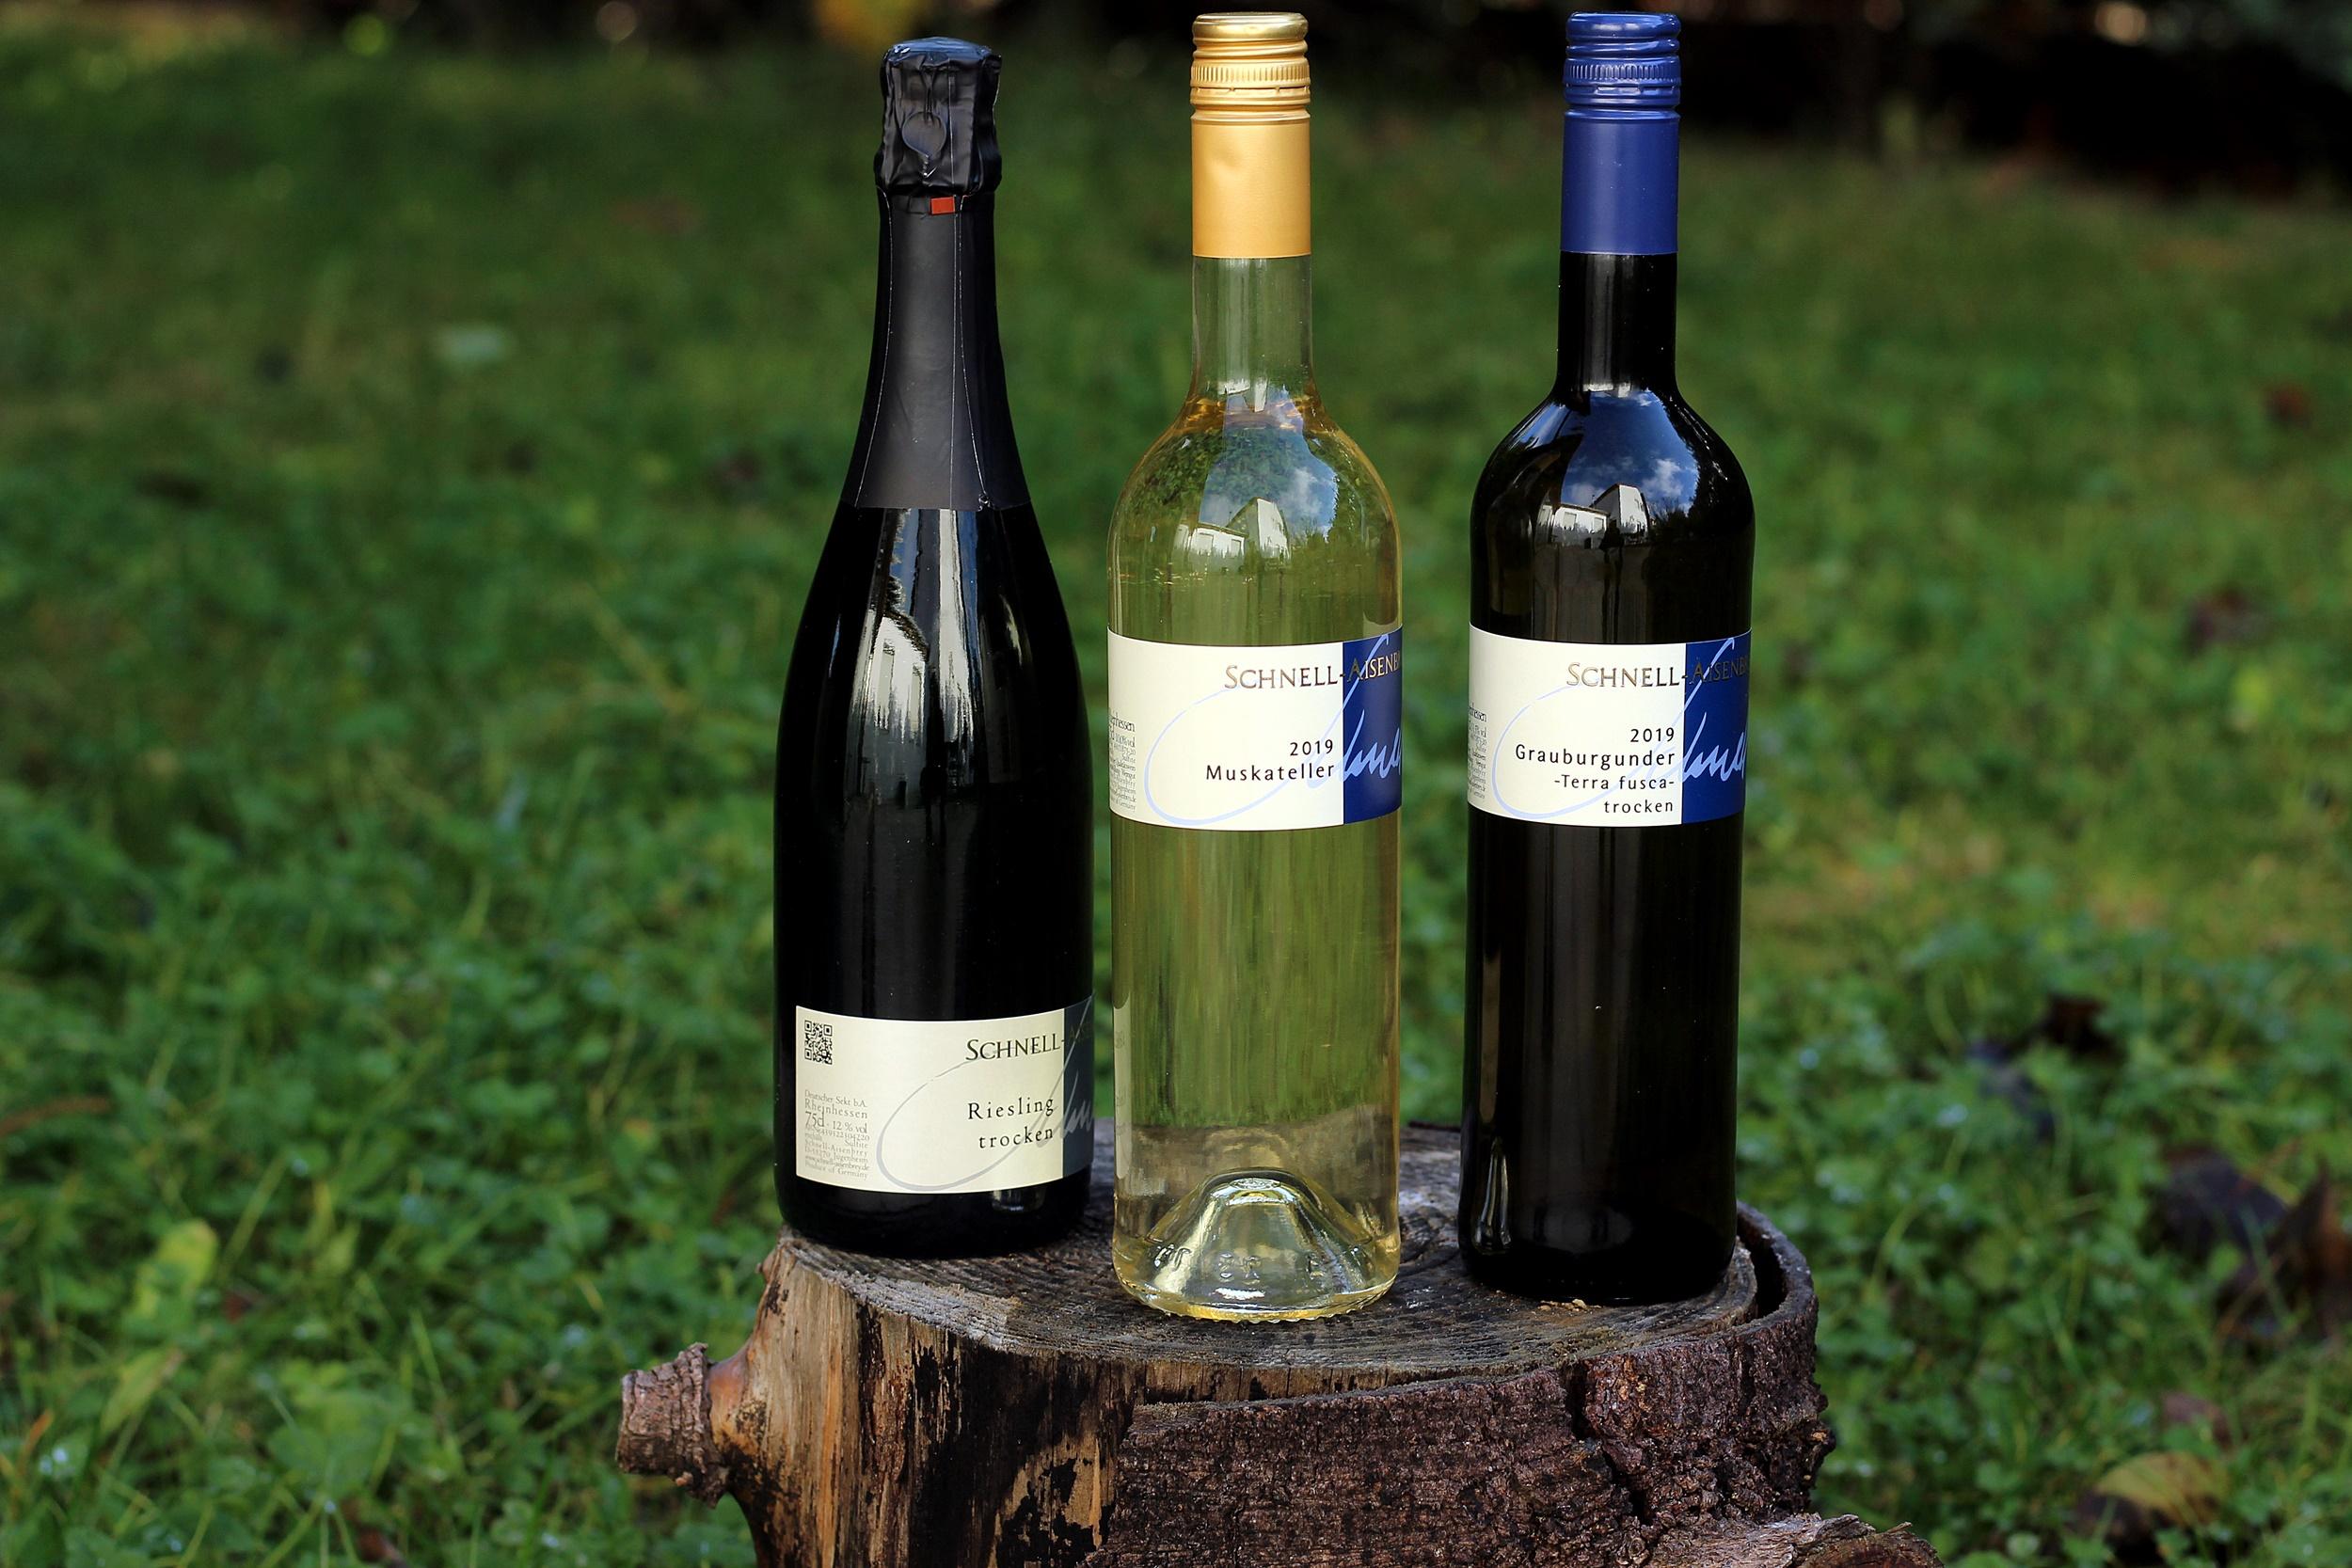 Festliches Menü mit passenden Getränken vom Weingut Schnell-Aisenbrey [Werbung] - Rheinhessenliebe